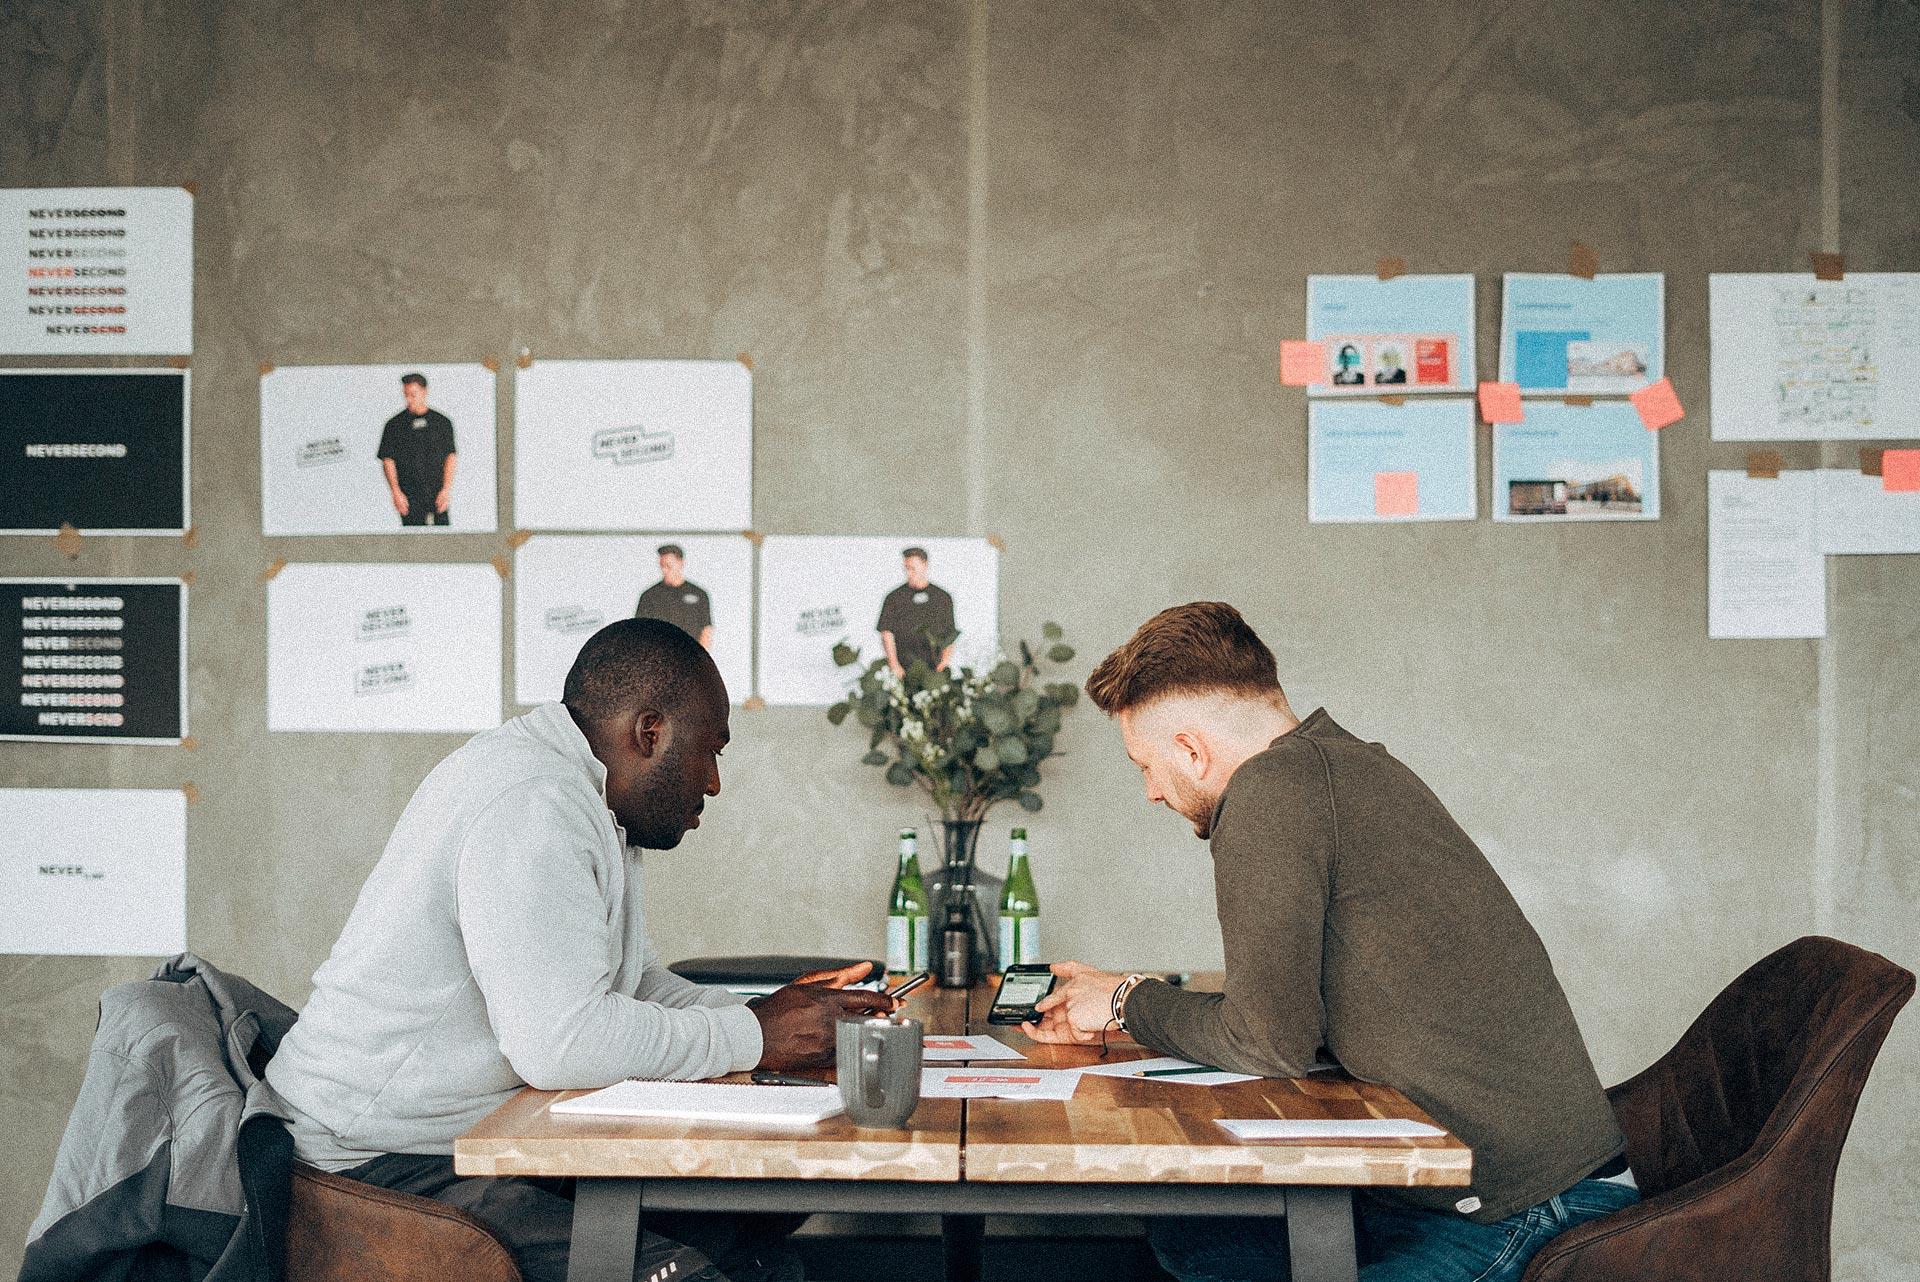 Wir begreifen ihre Unternehmensziele und setzen Sie in funktionierende Strategien um. Maßgeschneiderte Lösungen, persönliche Beratung und individuelle Arbeiten zeichnen unsere Werbeagentur aus.